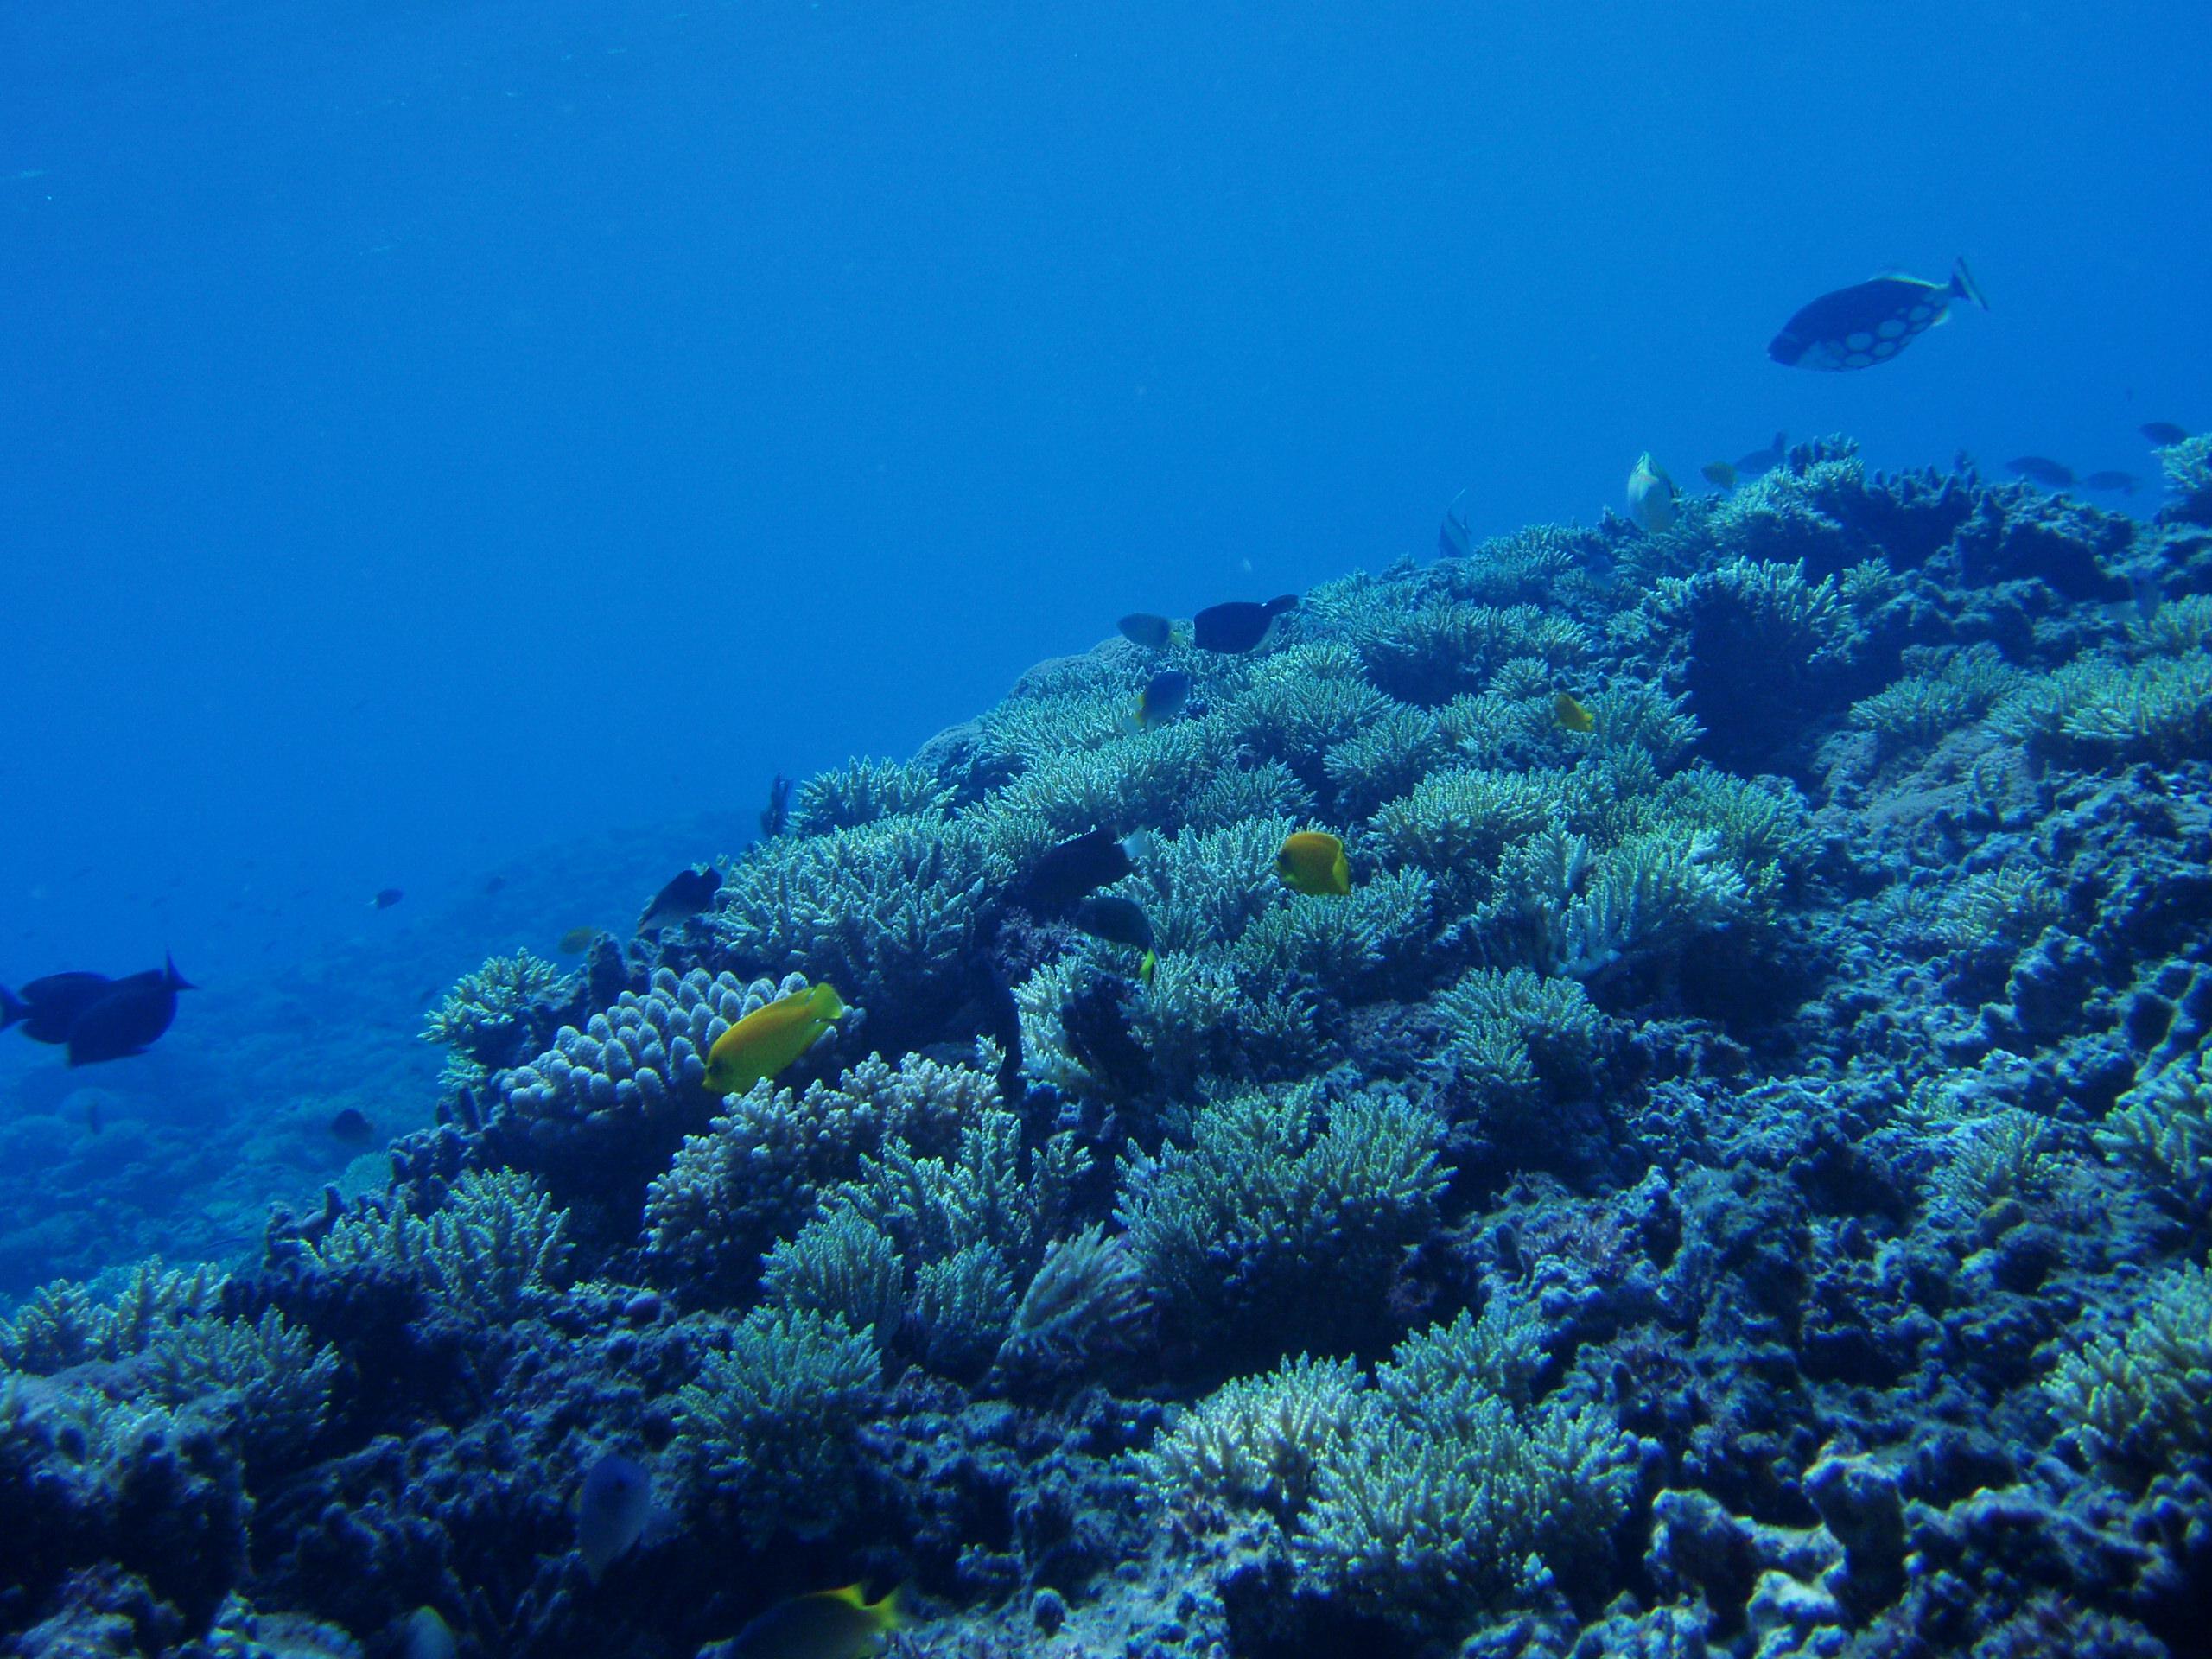 10月20日 ポイント1 ブツブツサンゴ ポイント2 アマビーチ前 ポイント3 コアシス 水温27℃ 透明度25m